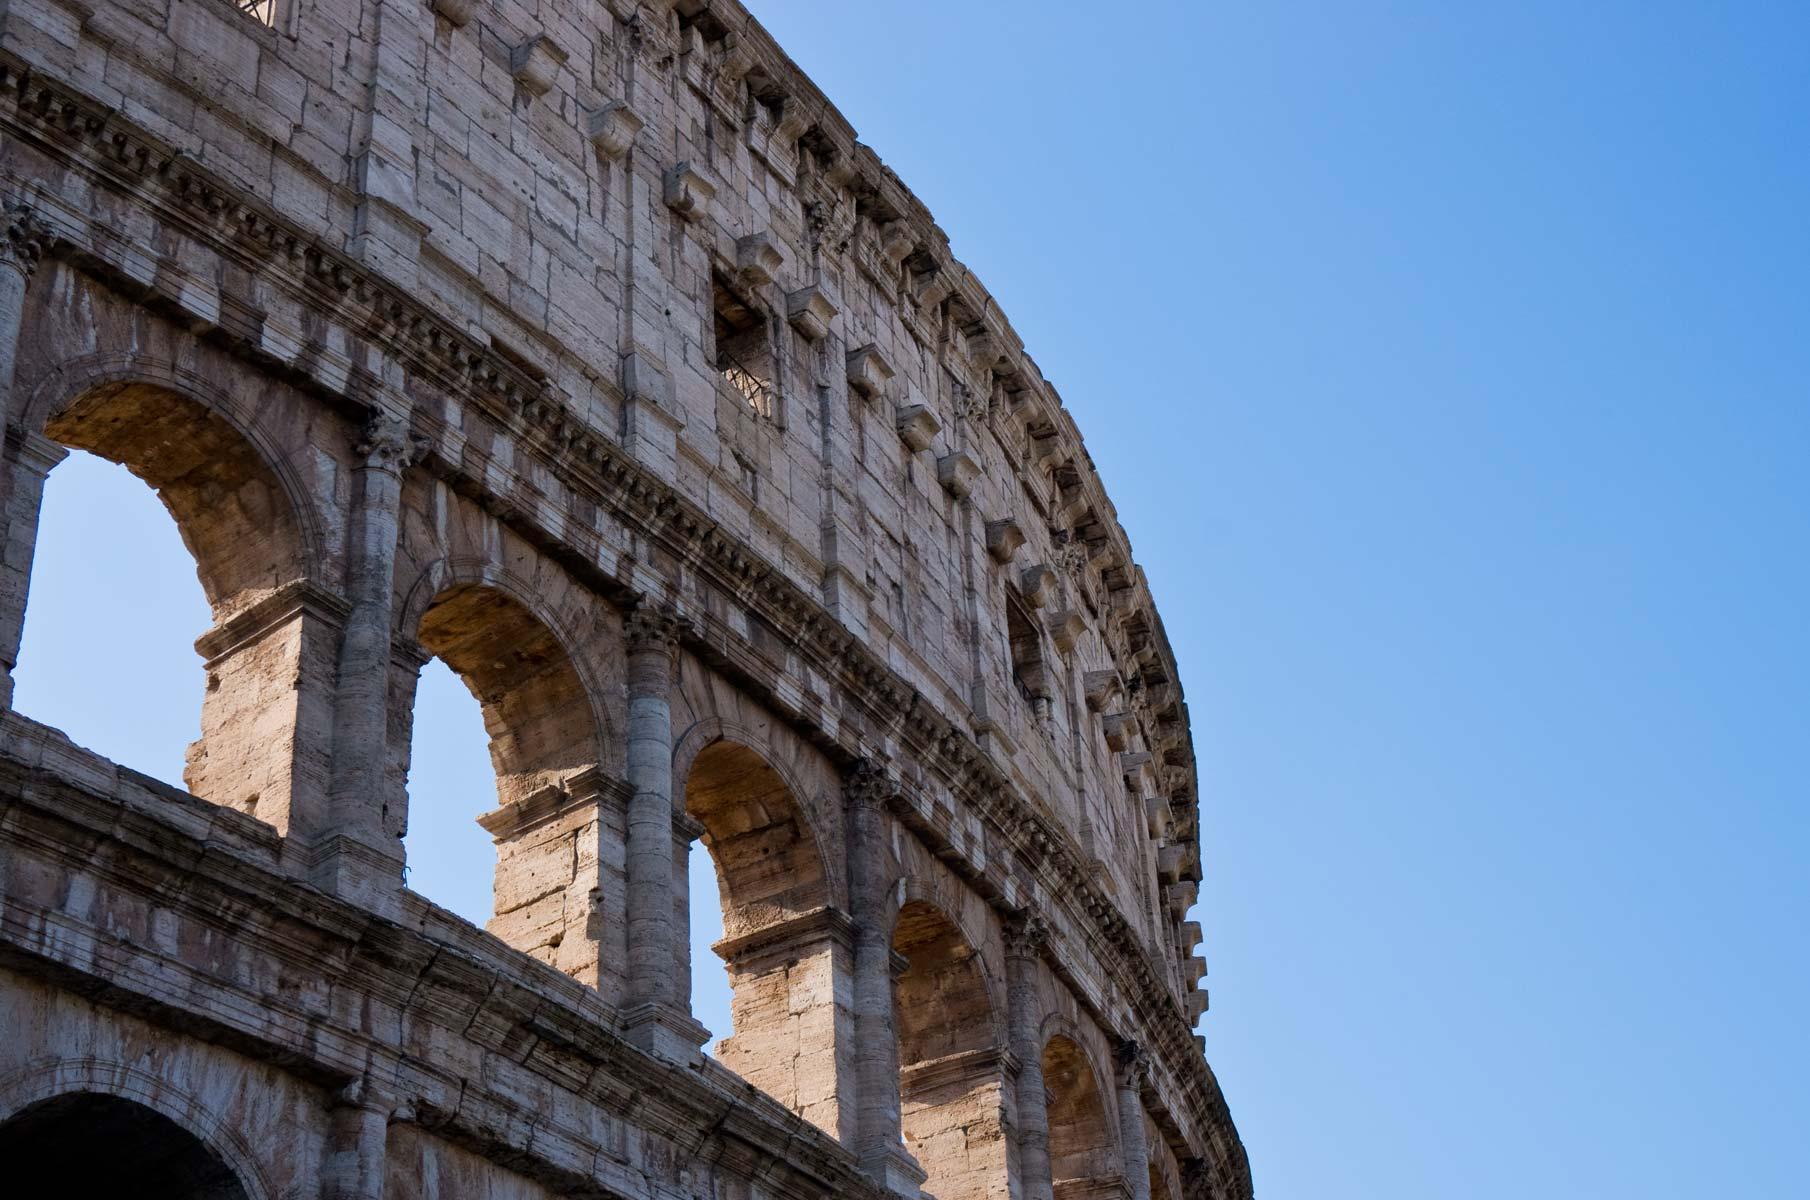 Kolosseum von außen in Rom, Italien